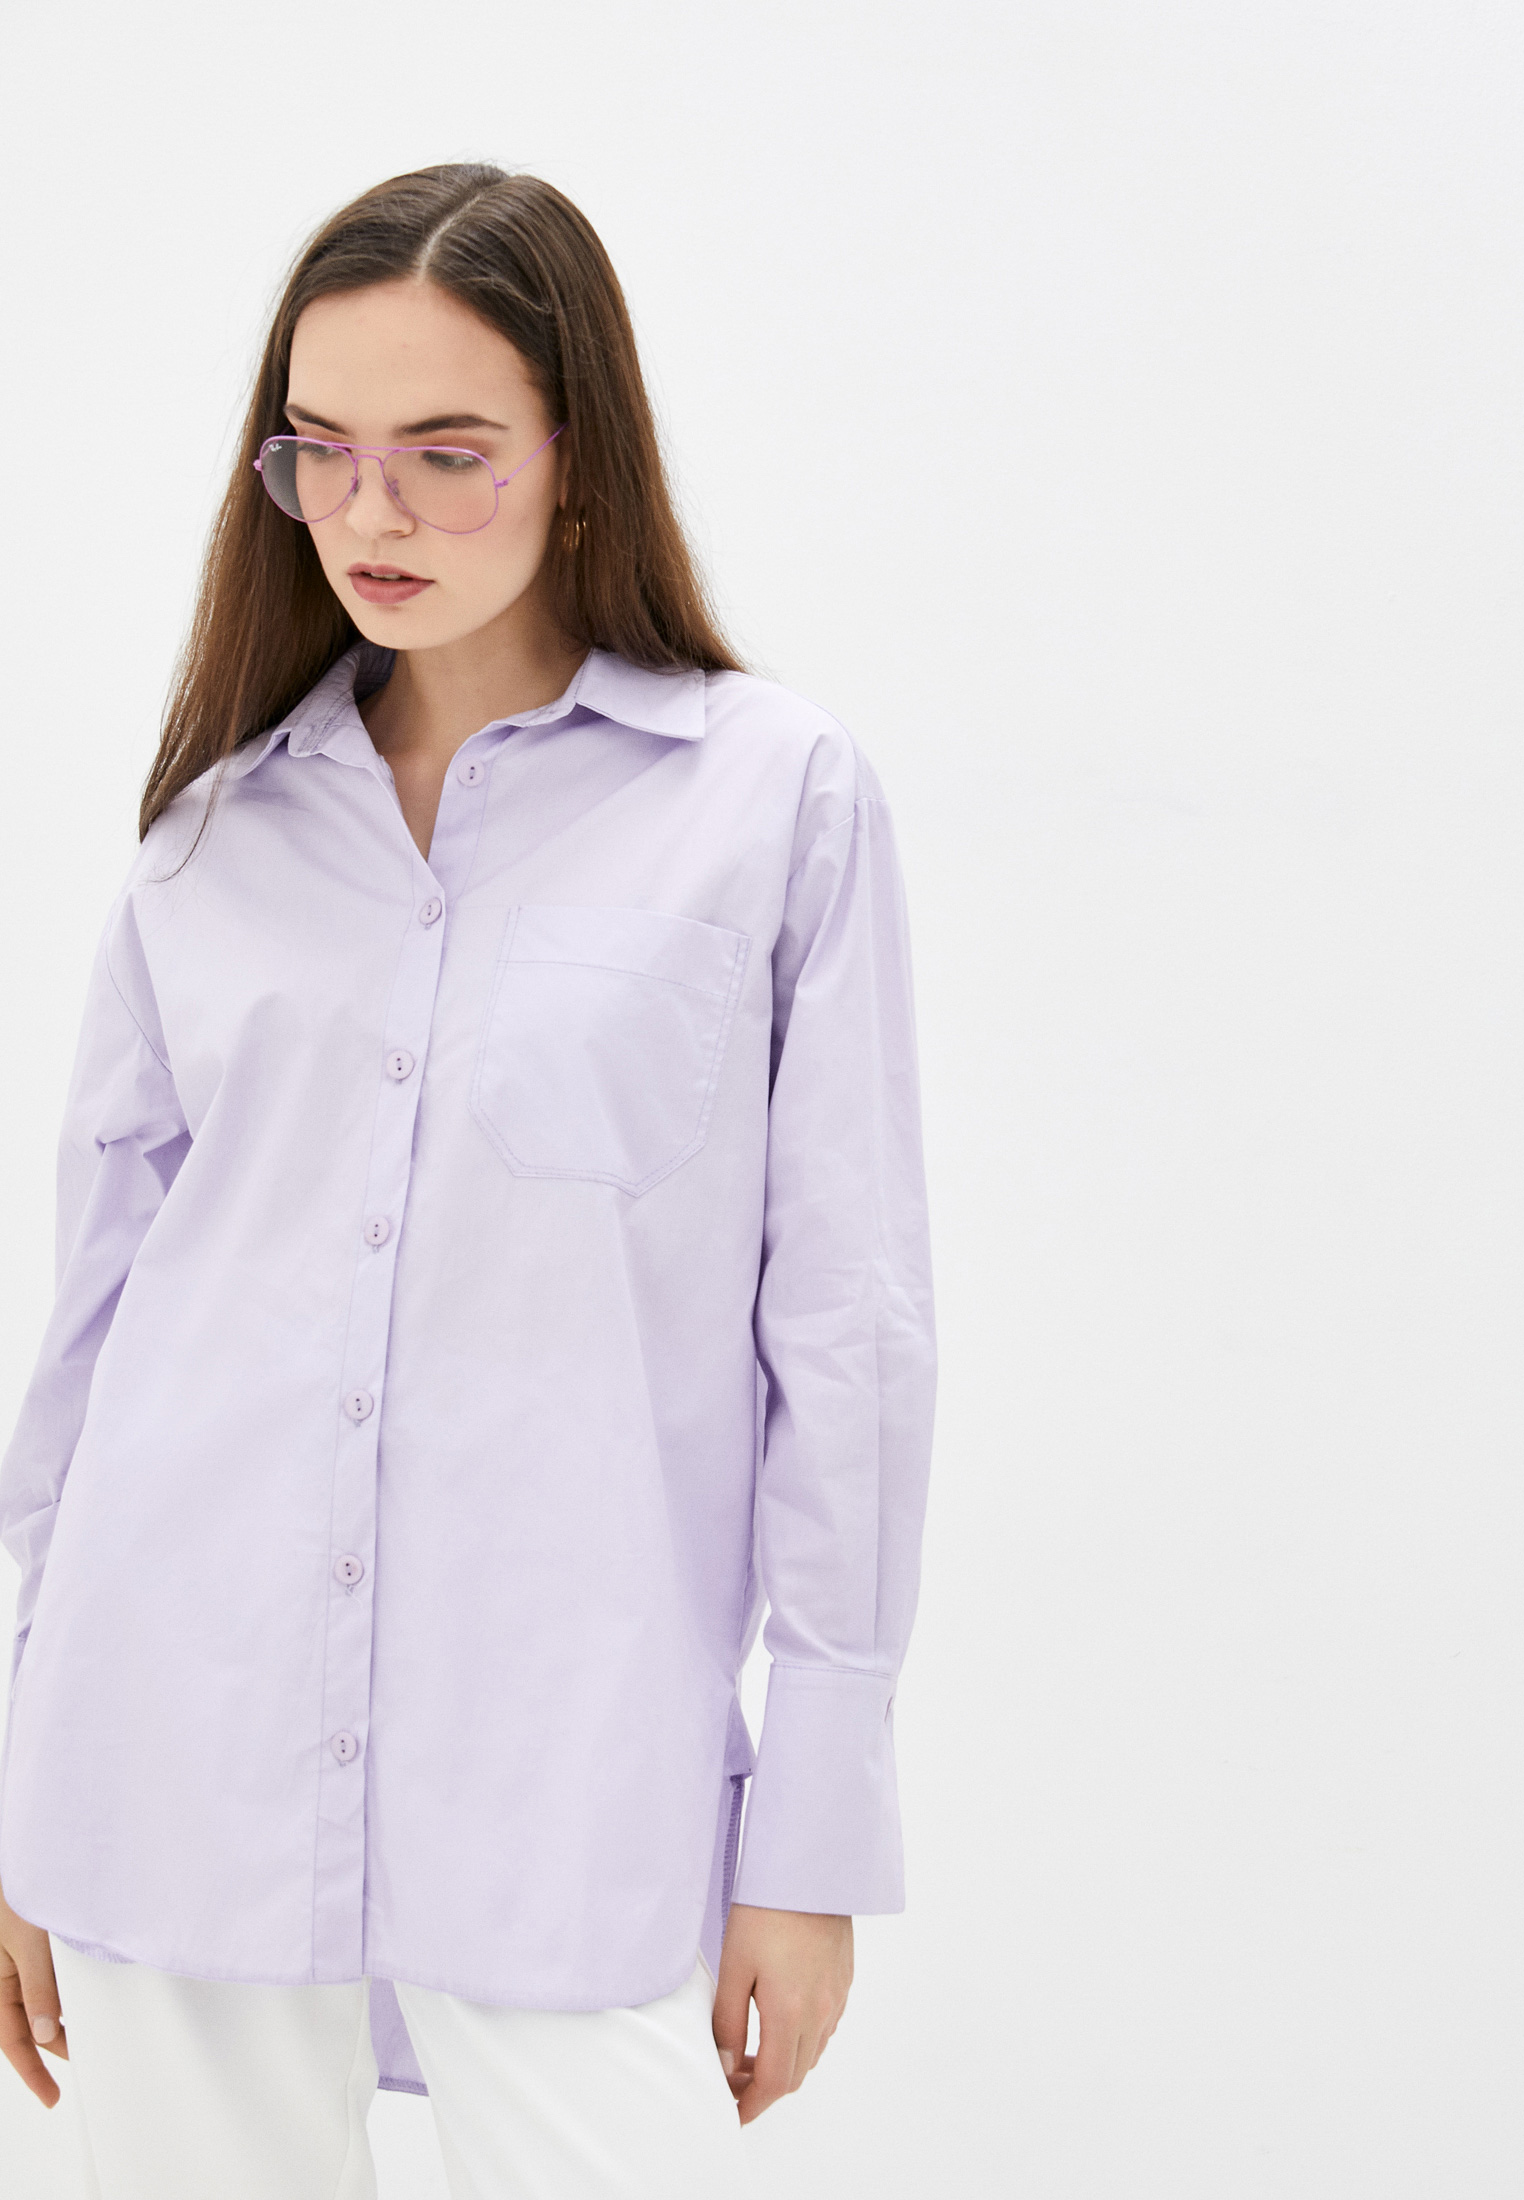 Женские рубашки с длинным рукавом Hey Look 102254